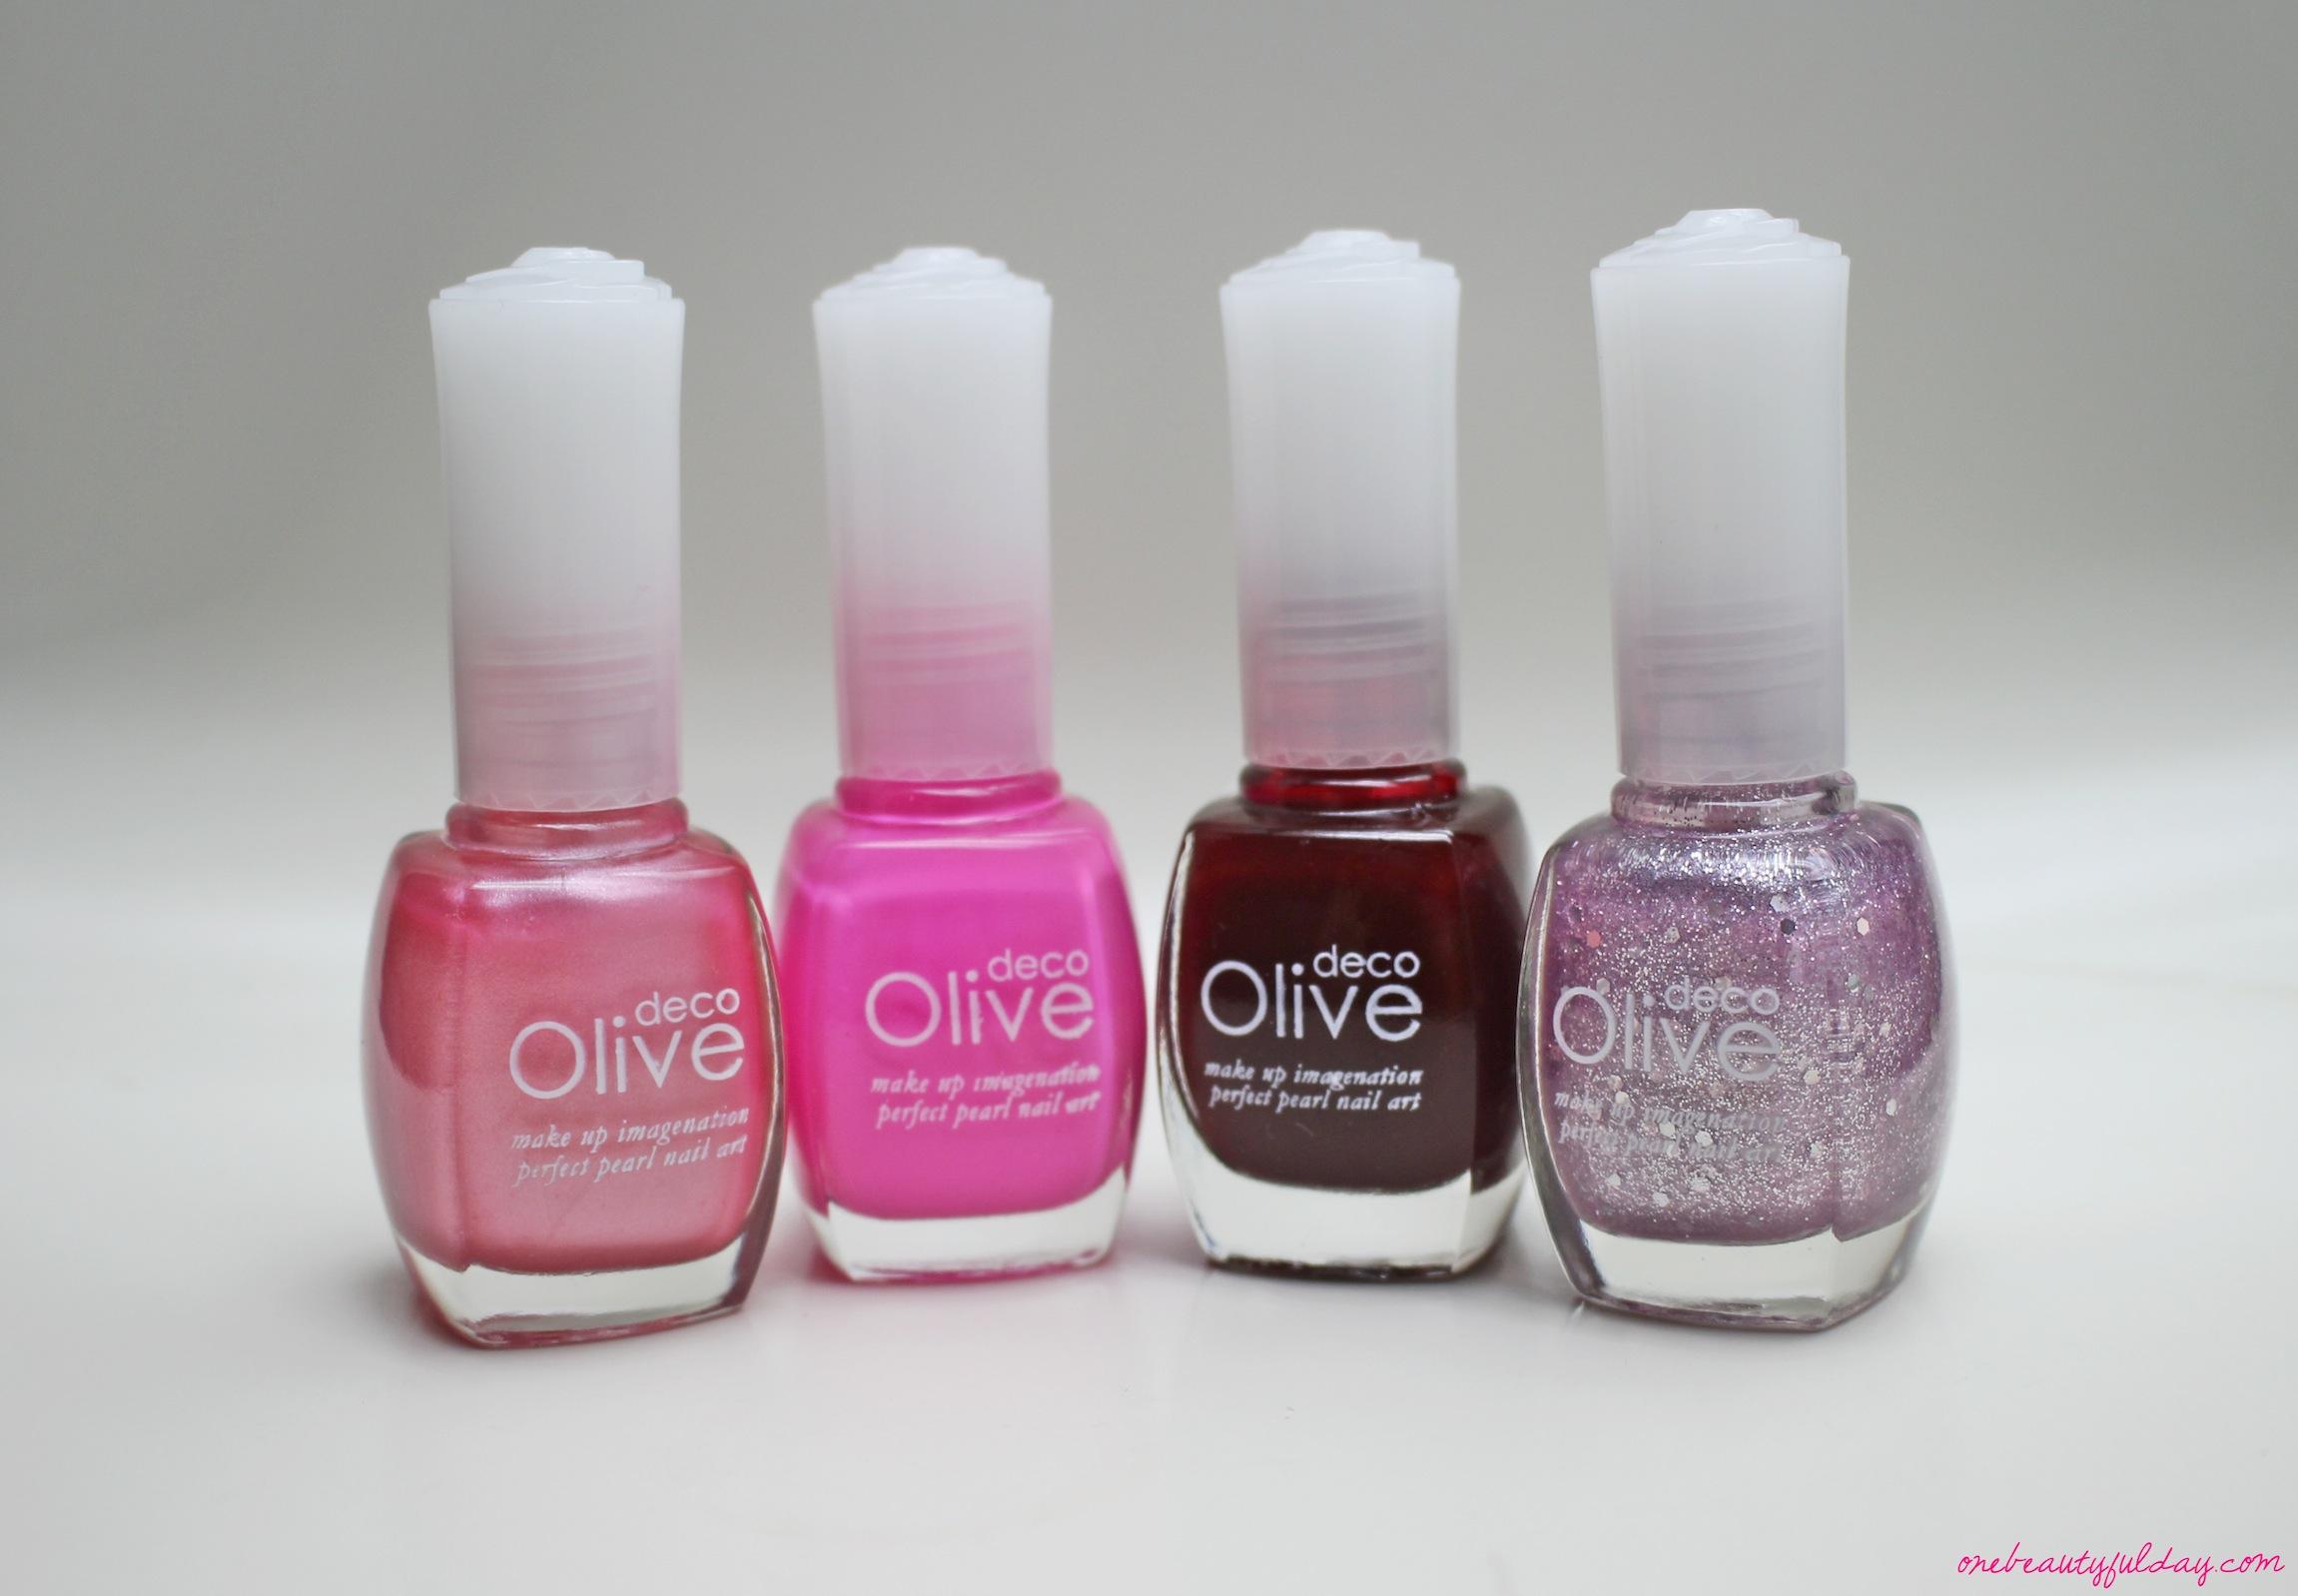 nail polish | onebeautyfulday